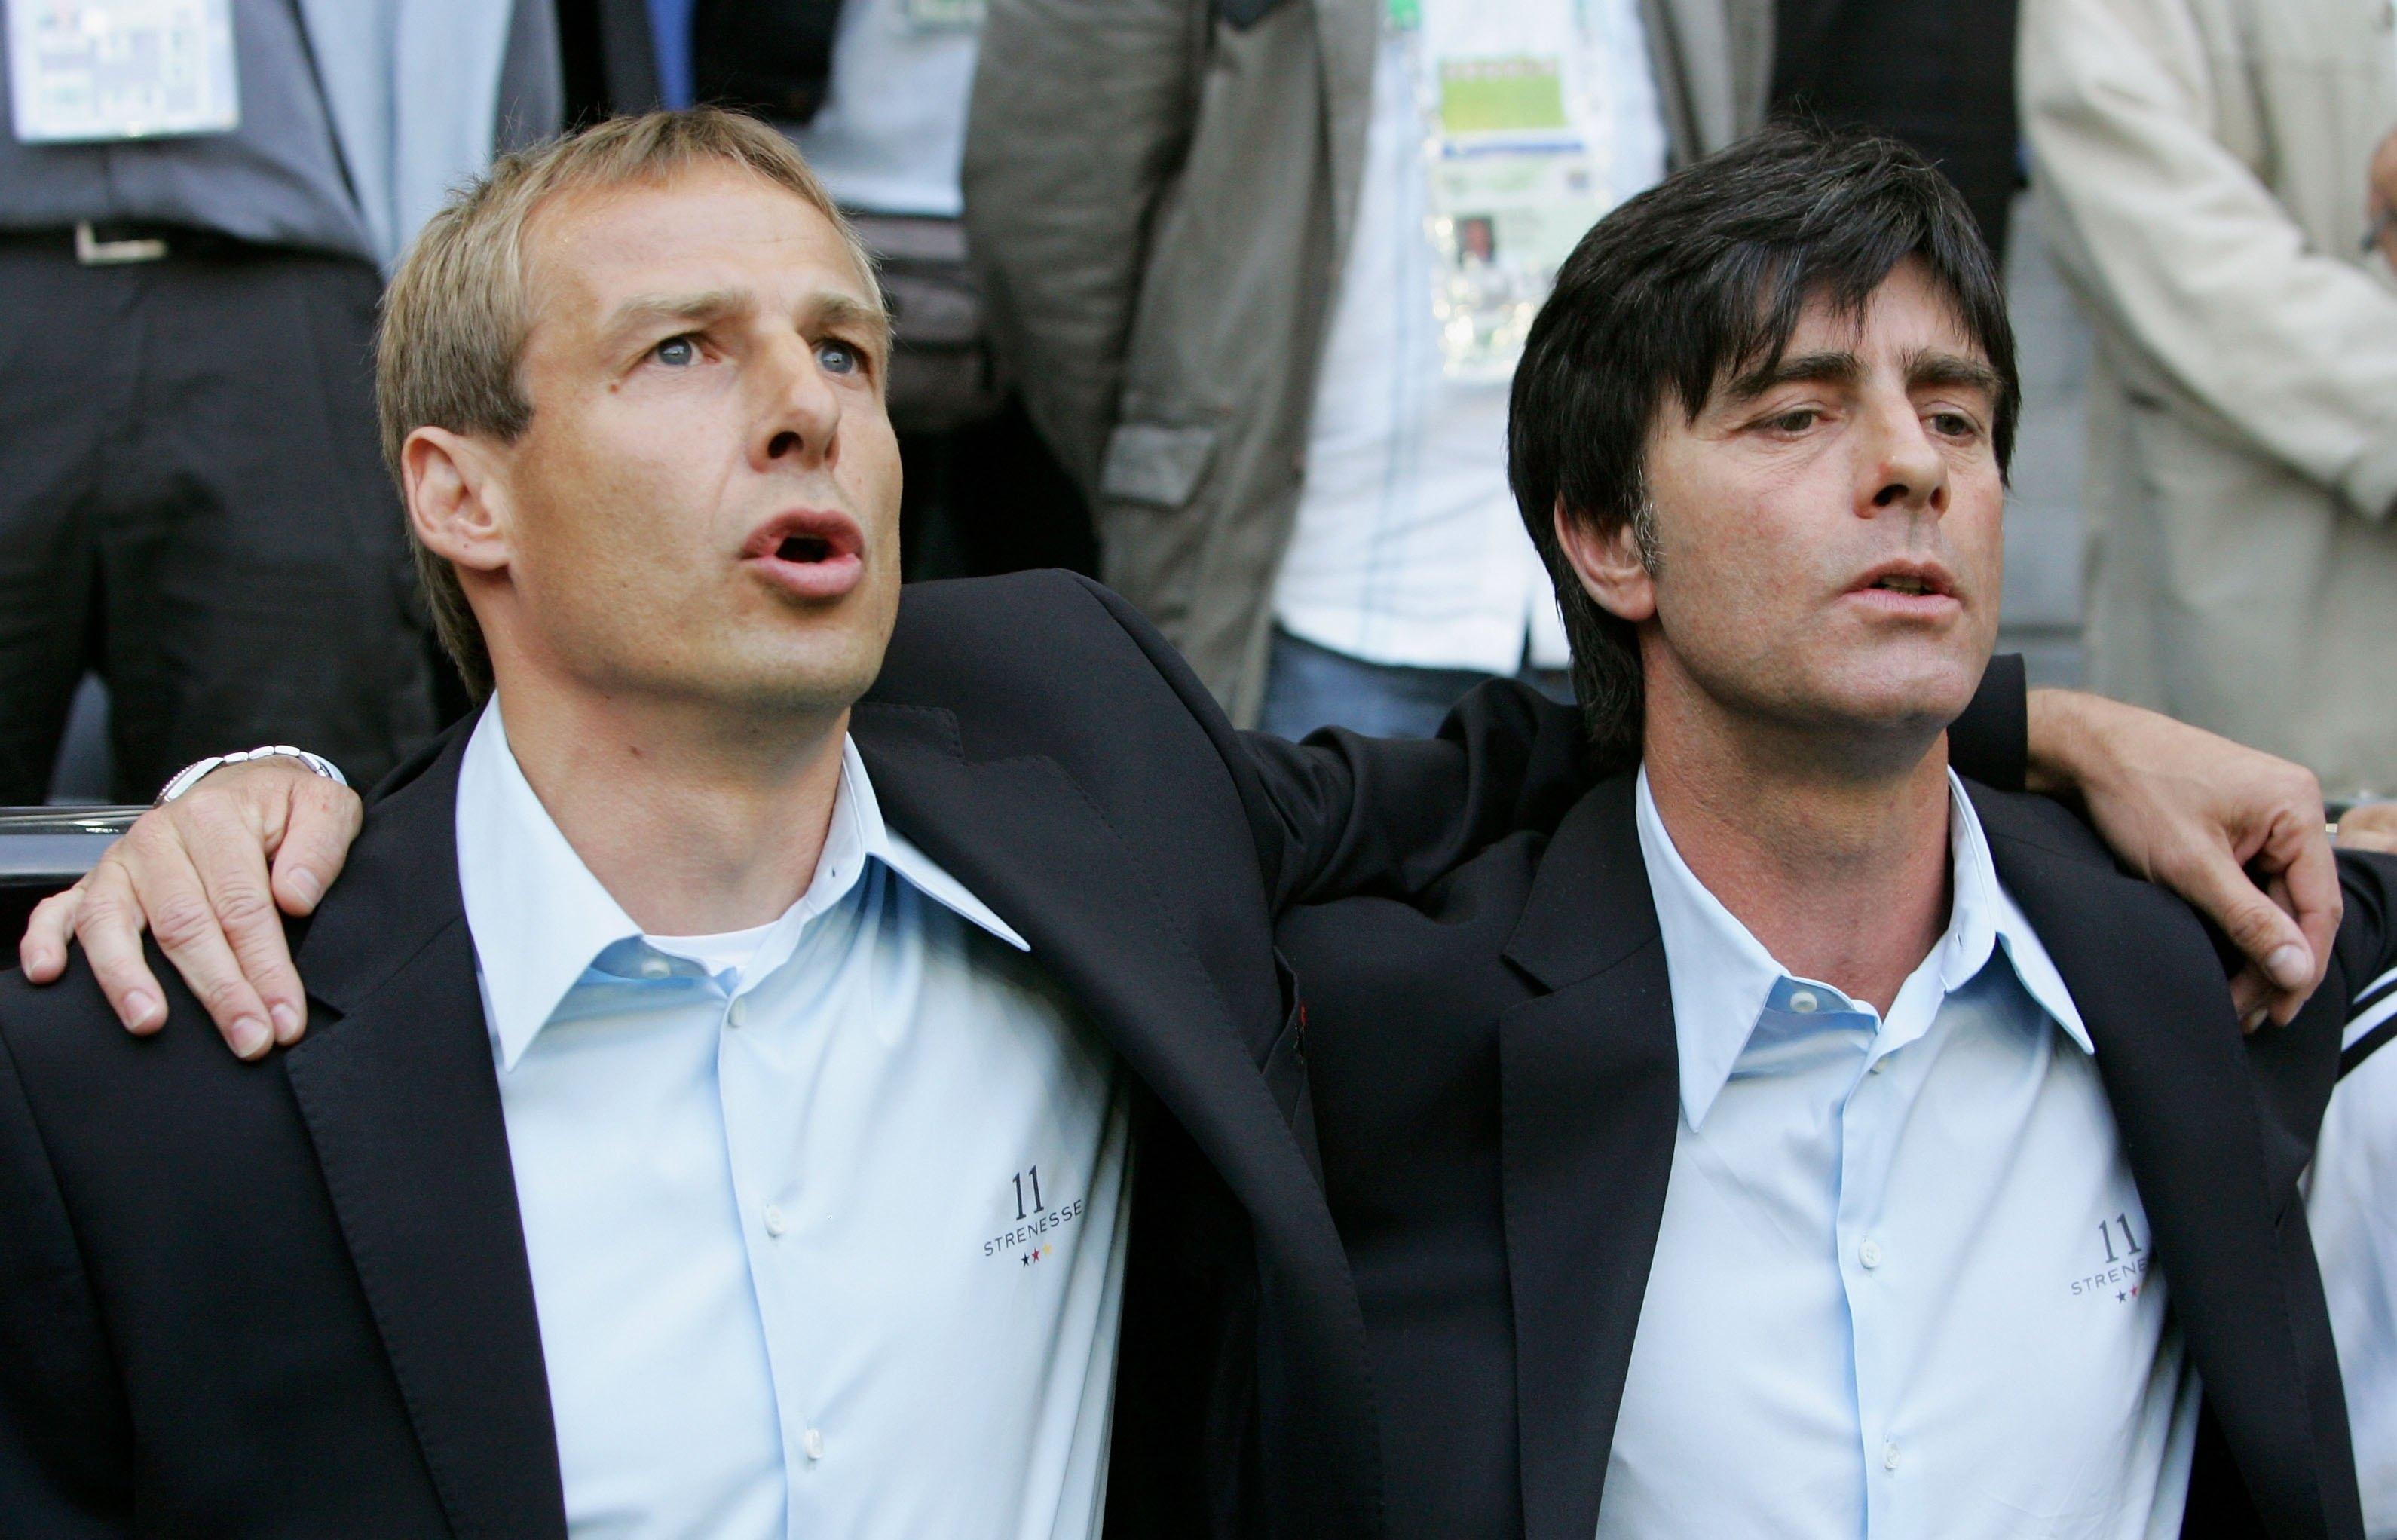 9 июня 2006. Первый матч Германии на домашнем чемпионате мира. В тот день команда со счетом 4:2 обыграла Коста-Рику.